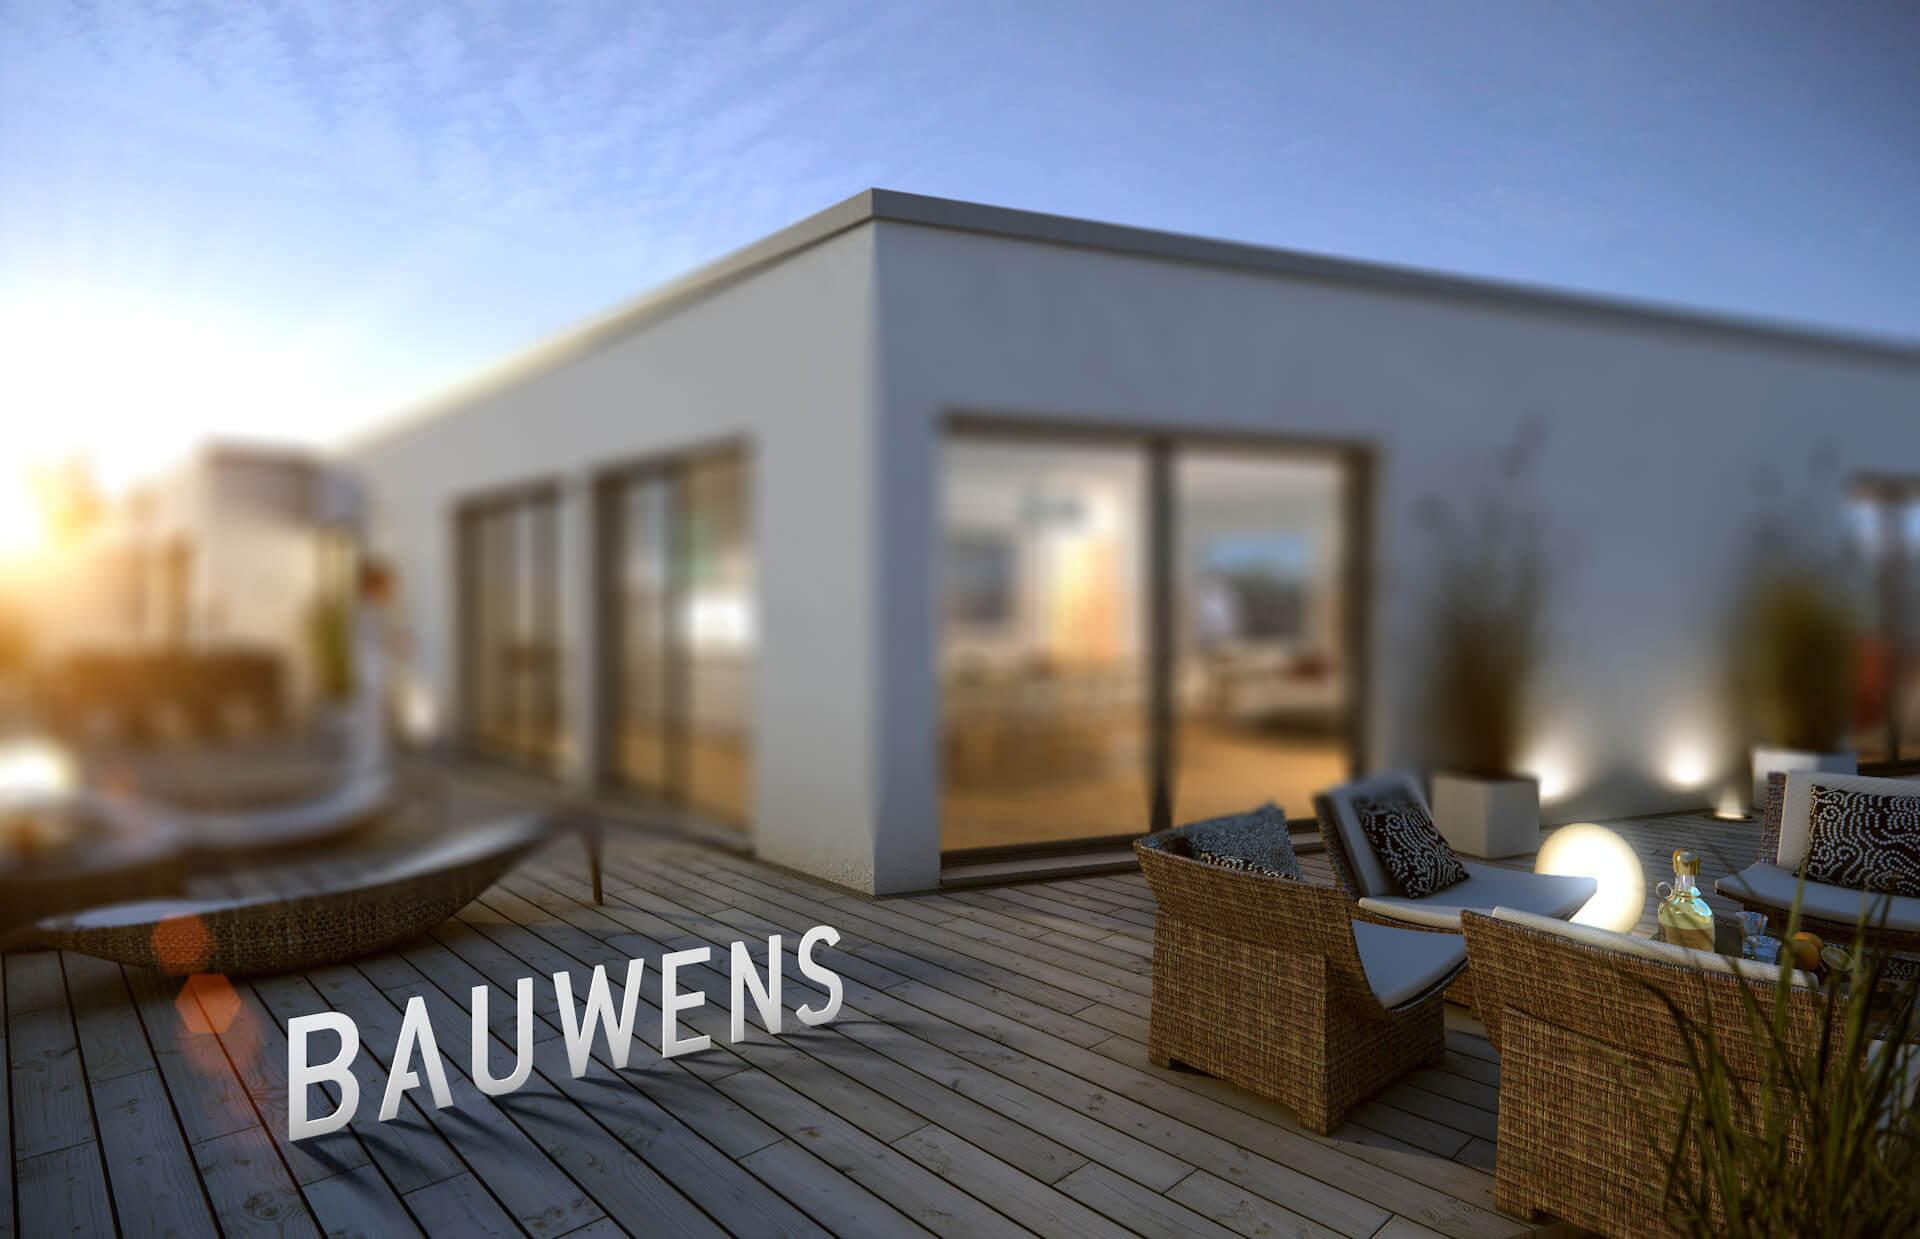 2D-3D Composing in Cinema4D für Bauwens